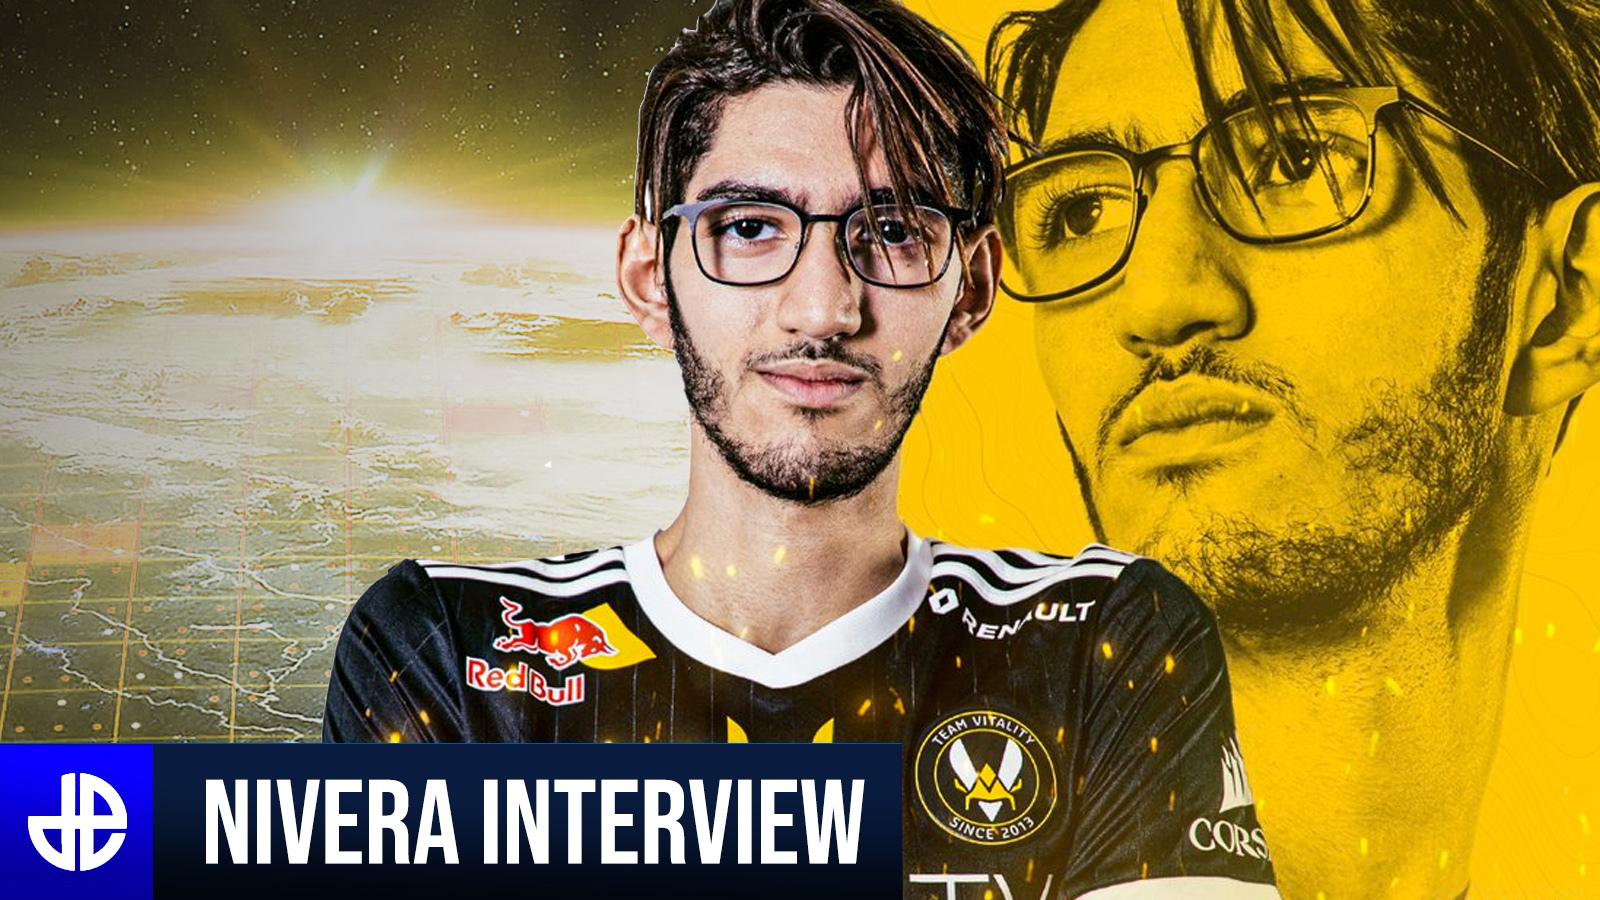 Nivera Interview